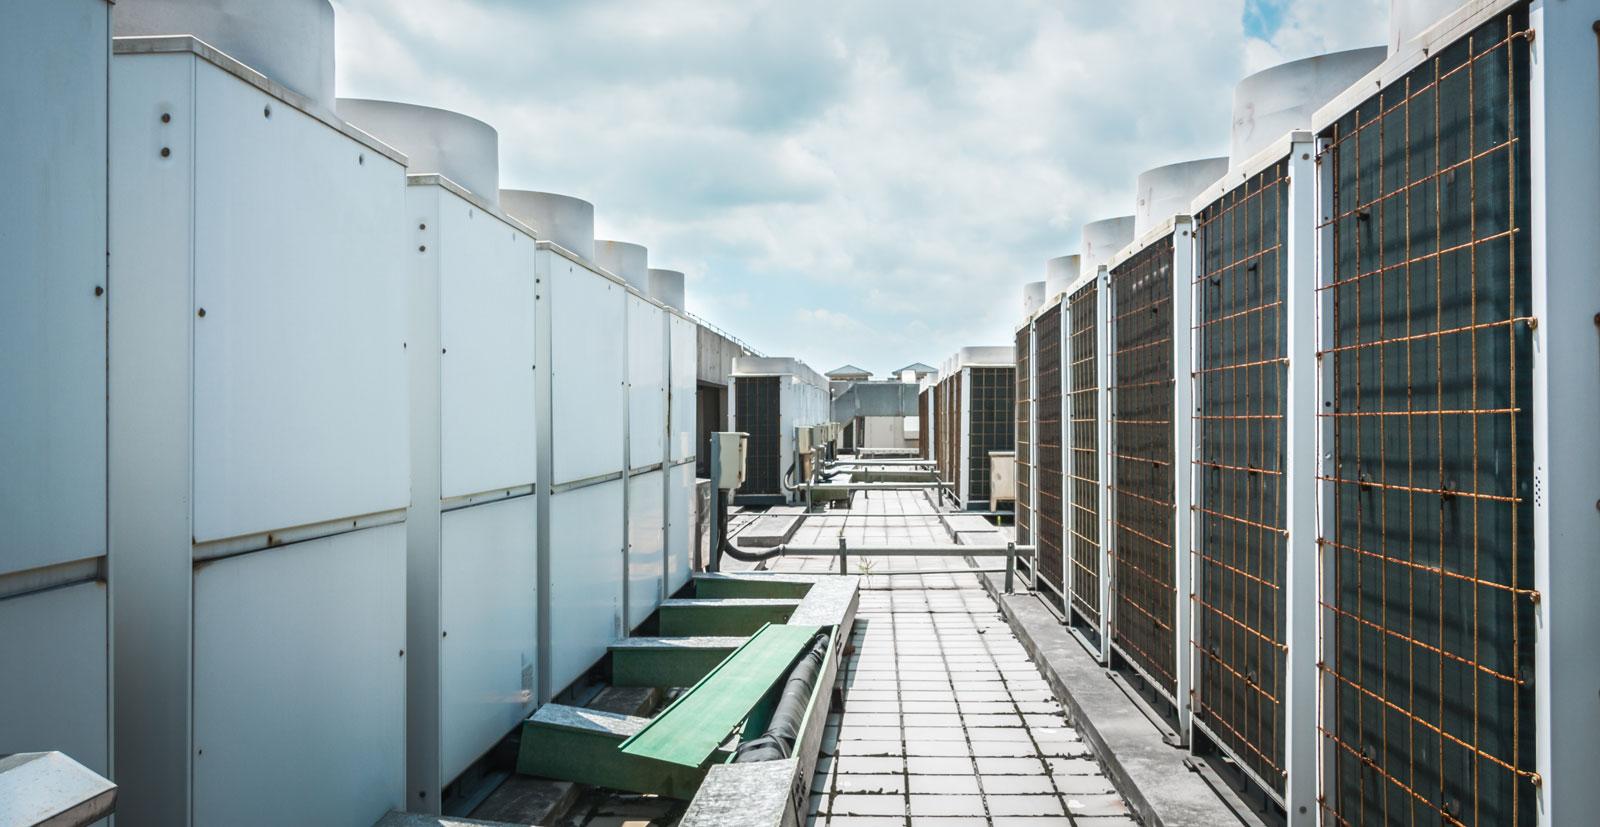 RefPower fornisce compressori per impianti di aria condizionata o di ventil-convettori.